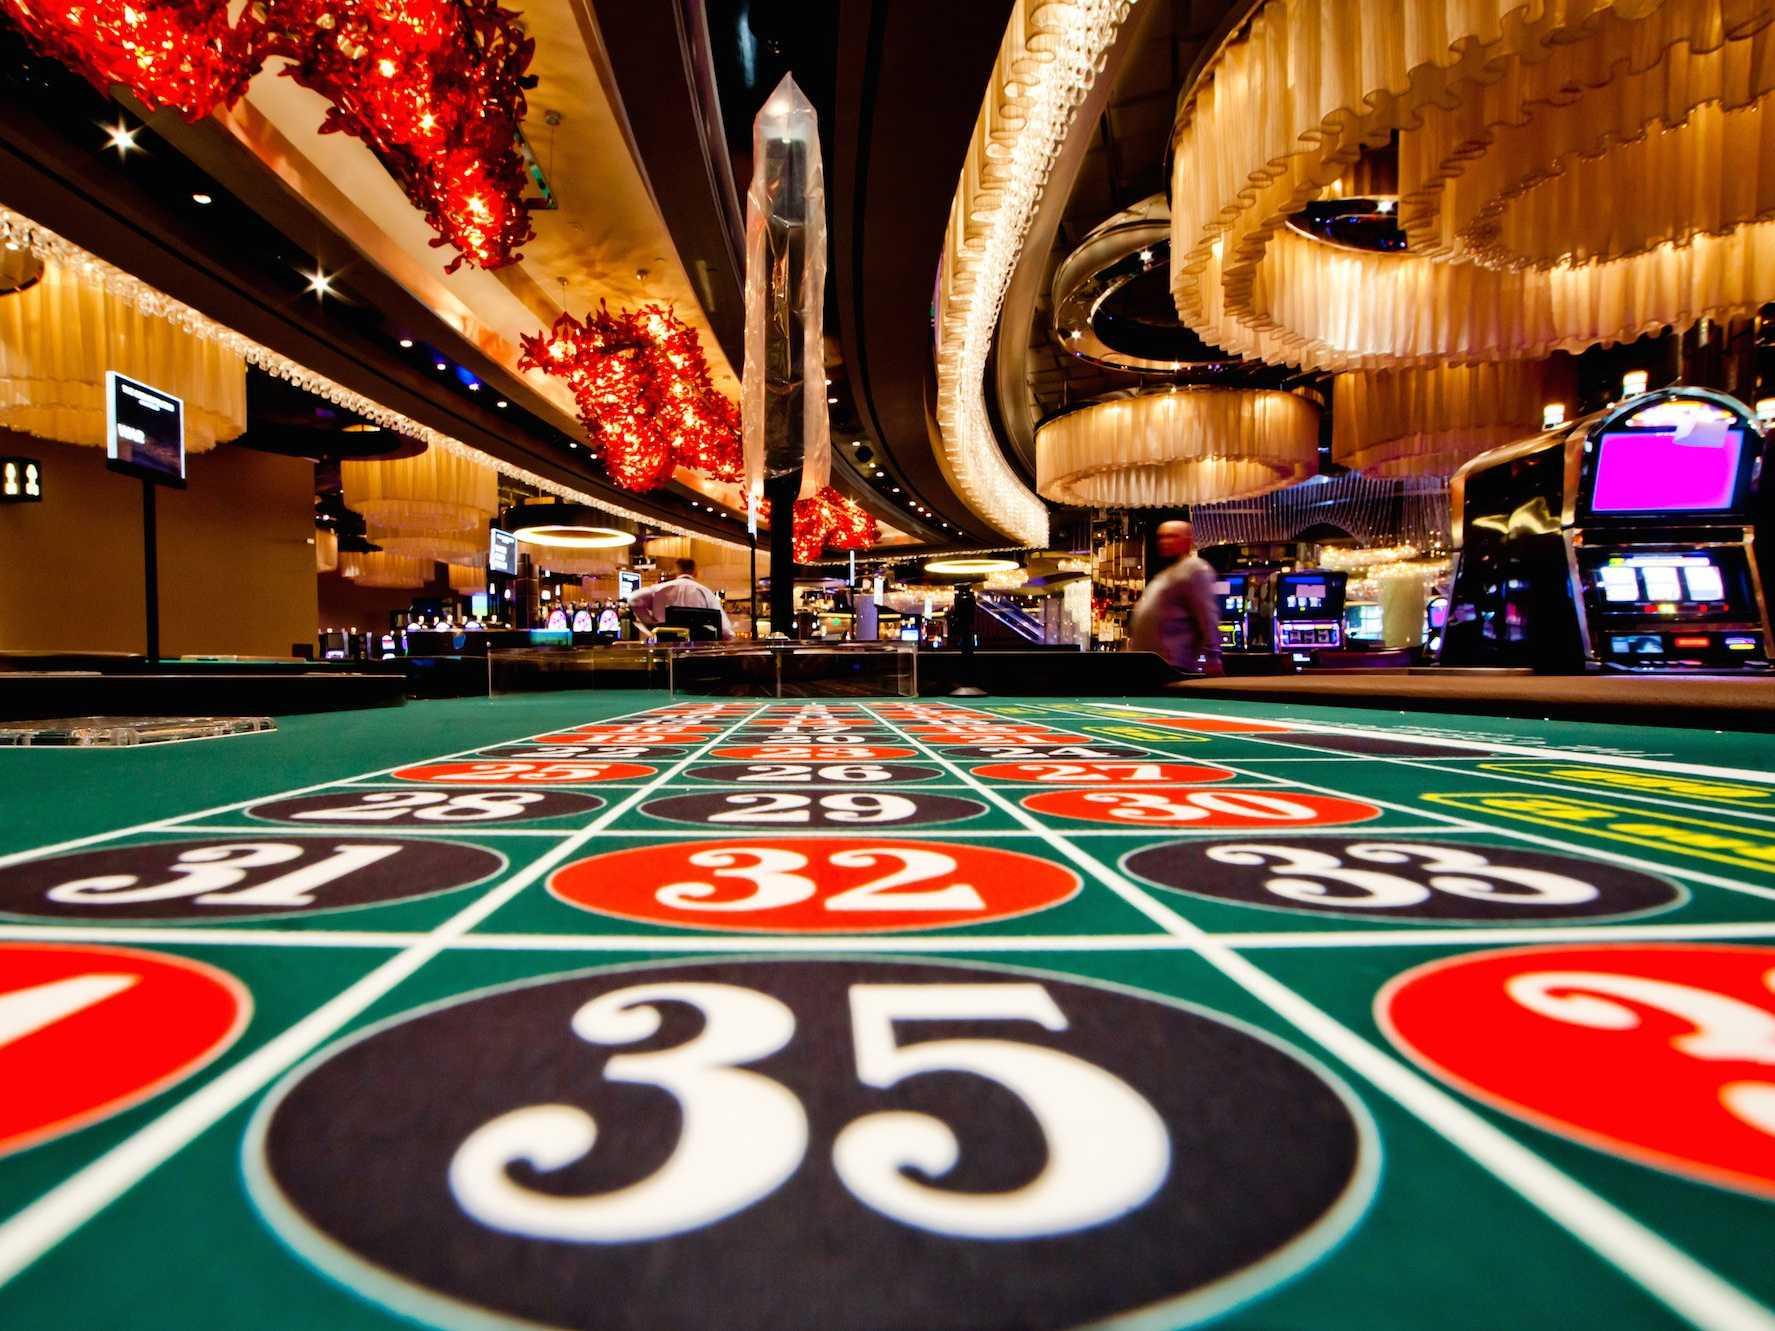 Les règles pour bien jouer aux jeux casino